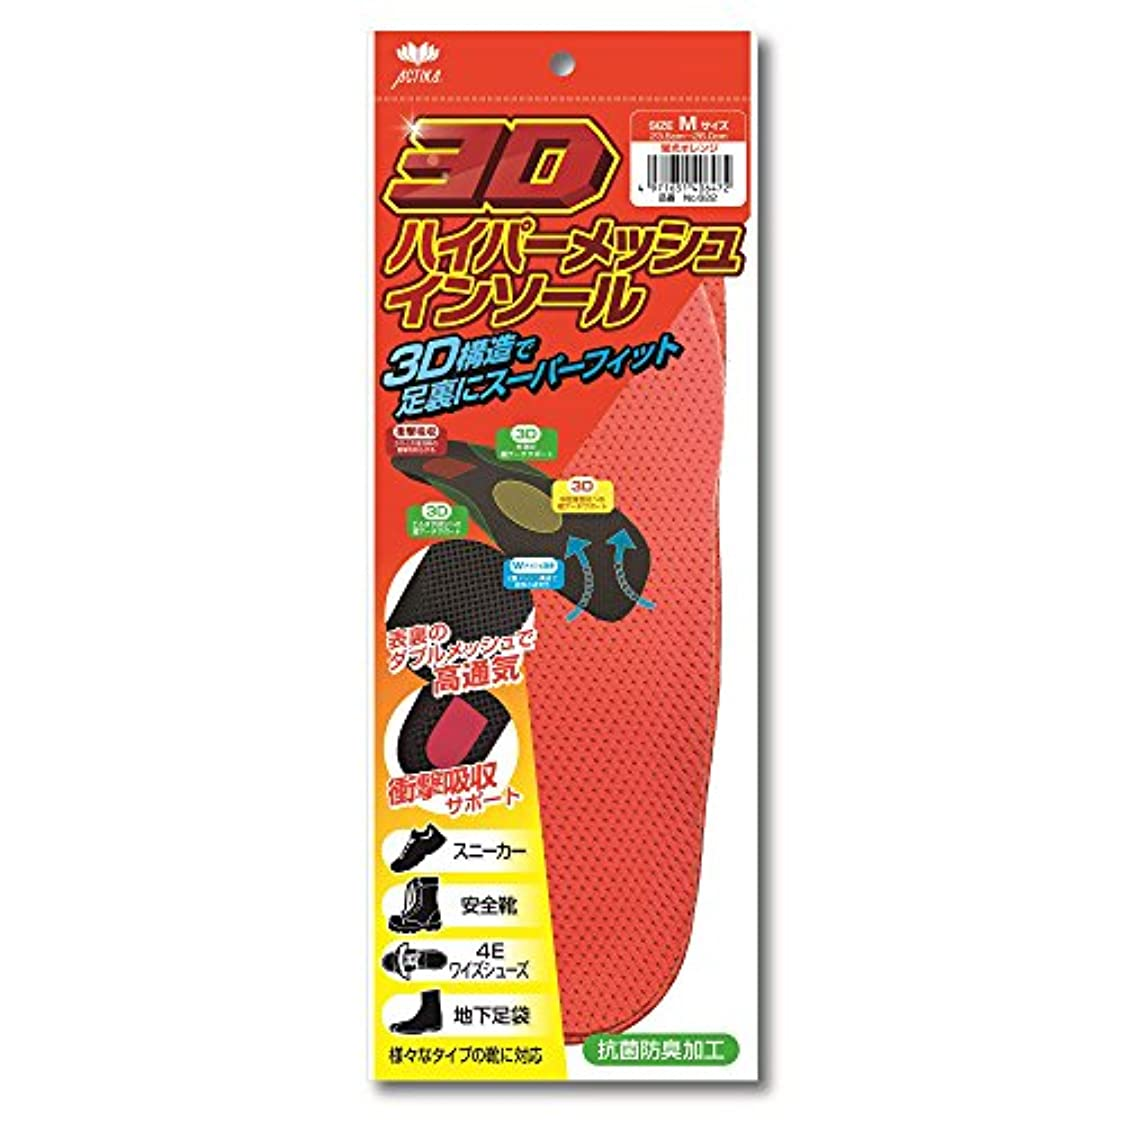 再びる地獄アクティカ 3Dハイパーメッシュインソール オレンジ 男性用 No.622 L(26.0~28.0cm)